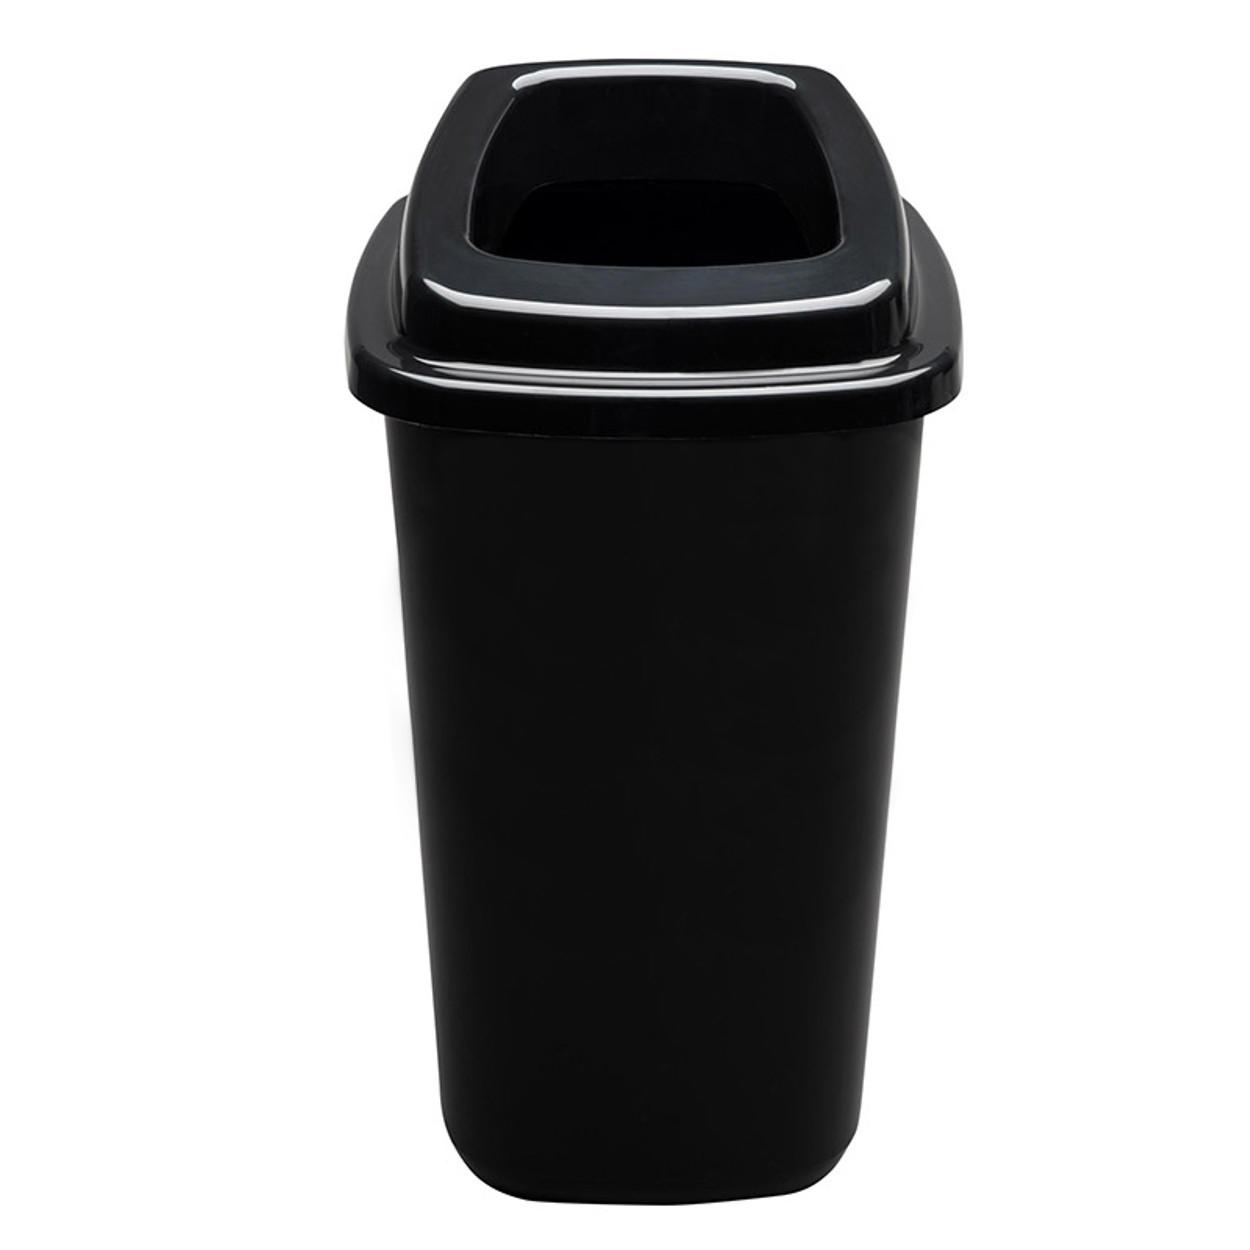 Plastikowy kosz do segregacji śmieci, 45 l, czarny